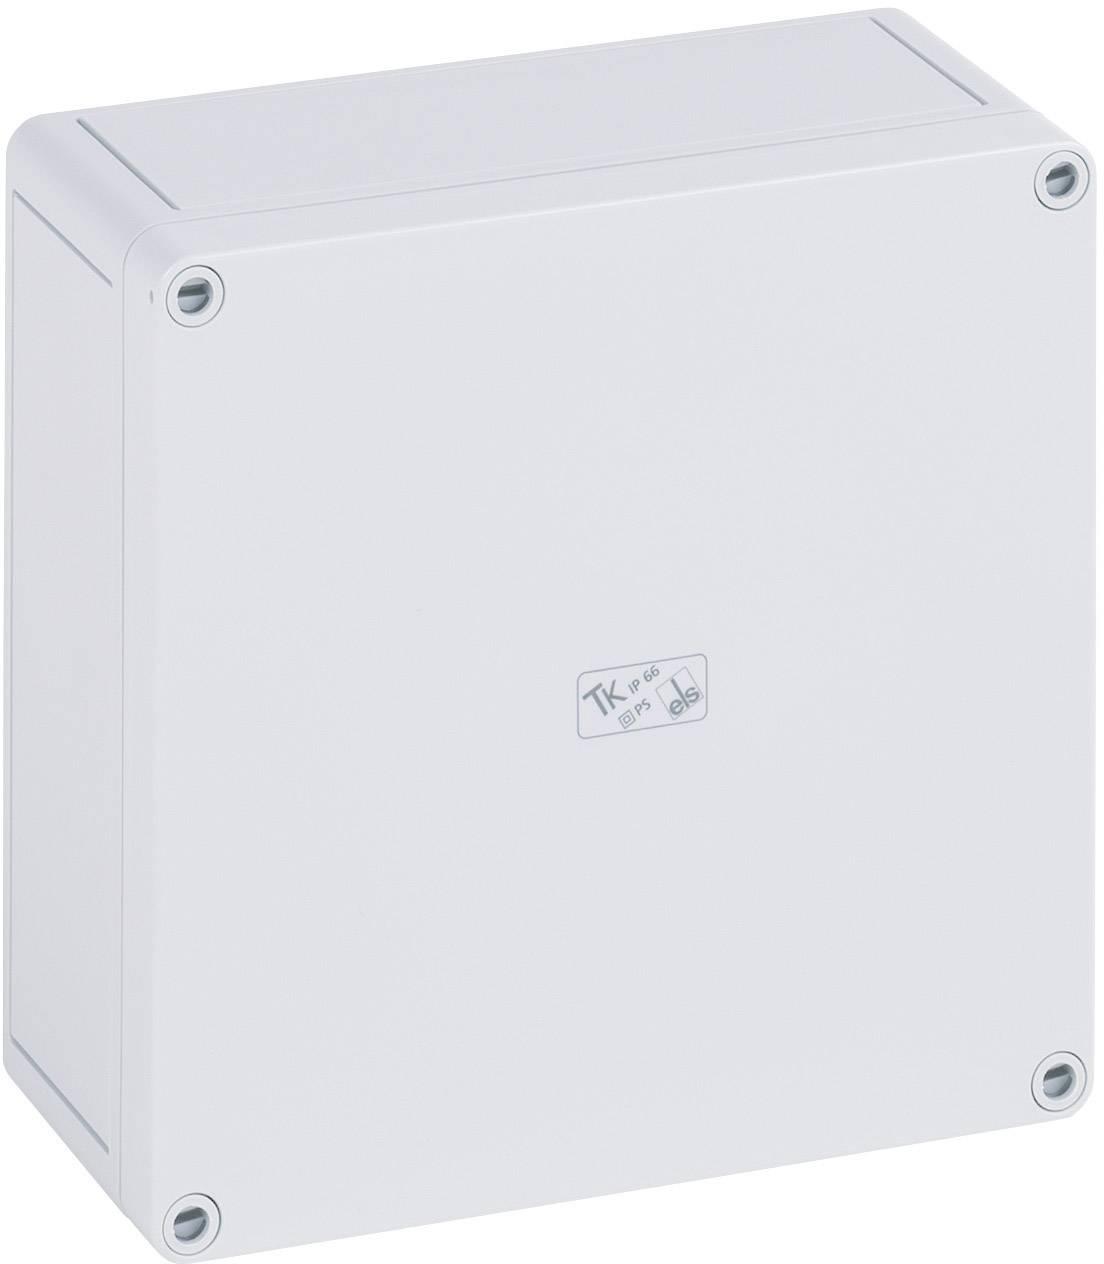 Instalační krabička Spelsberg TK PS 1811-9, (d x š x v) 180 x 110 x 90 mm, polystyren, šedá, 1 ks